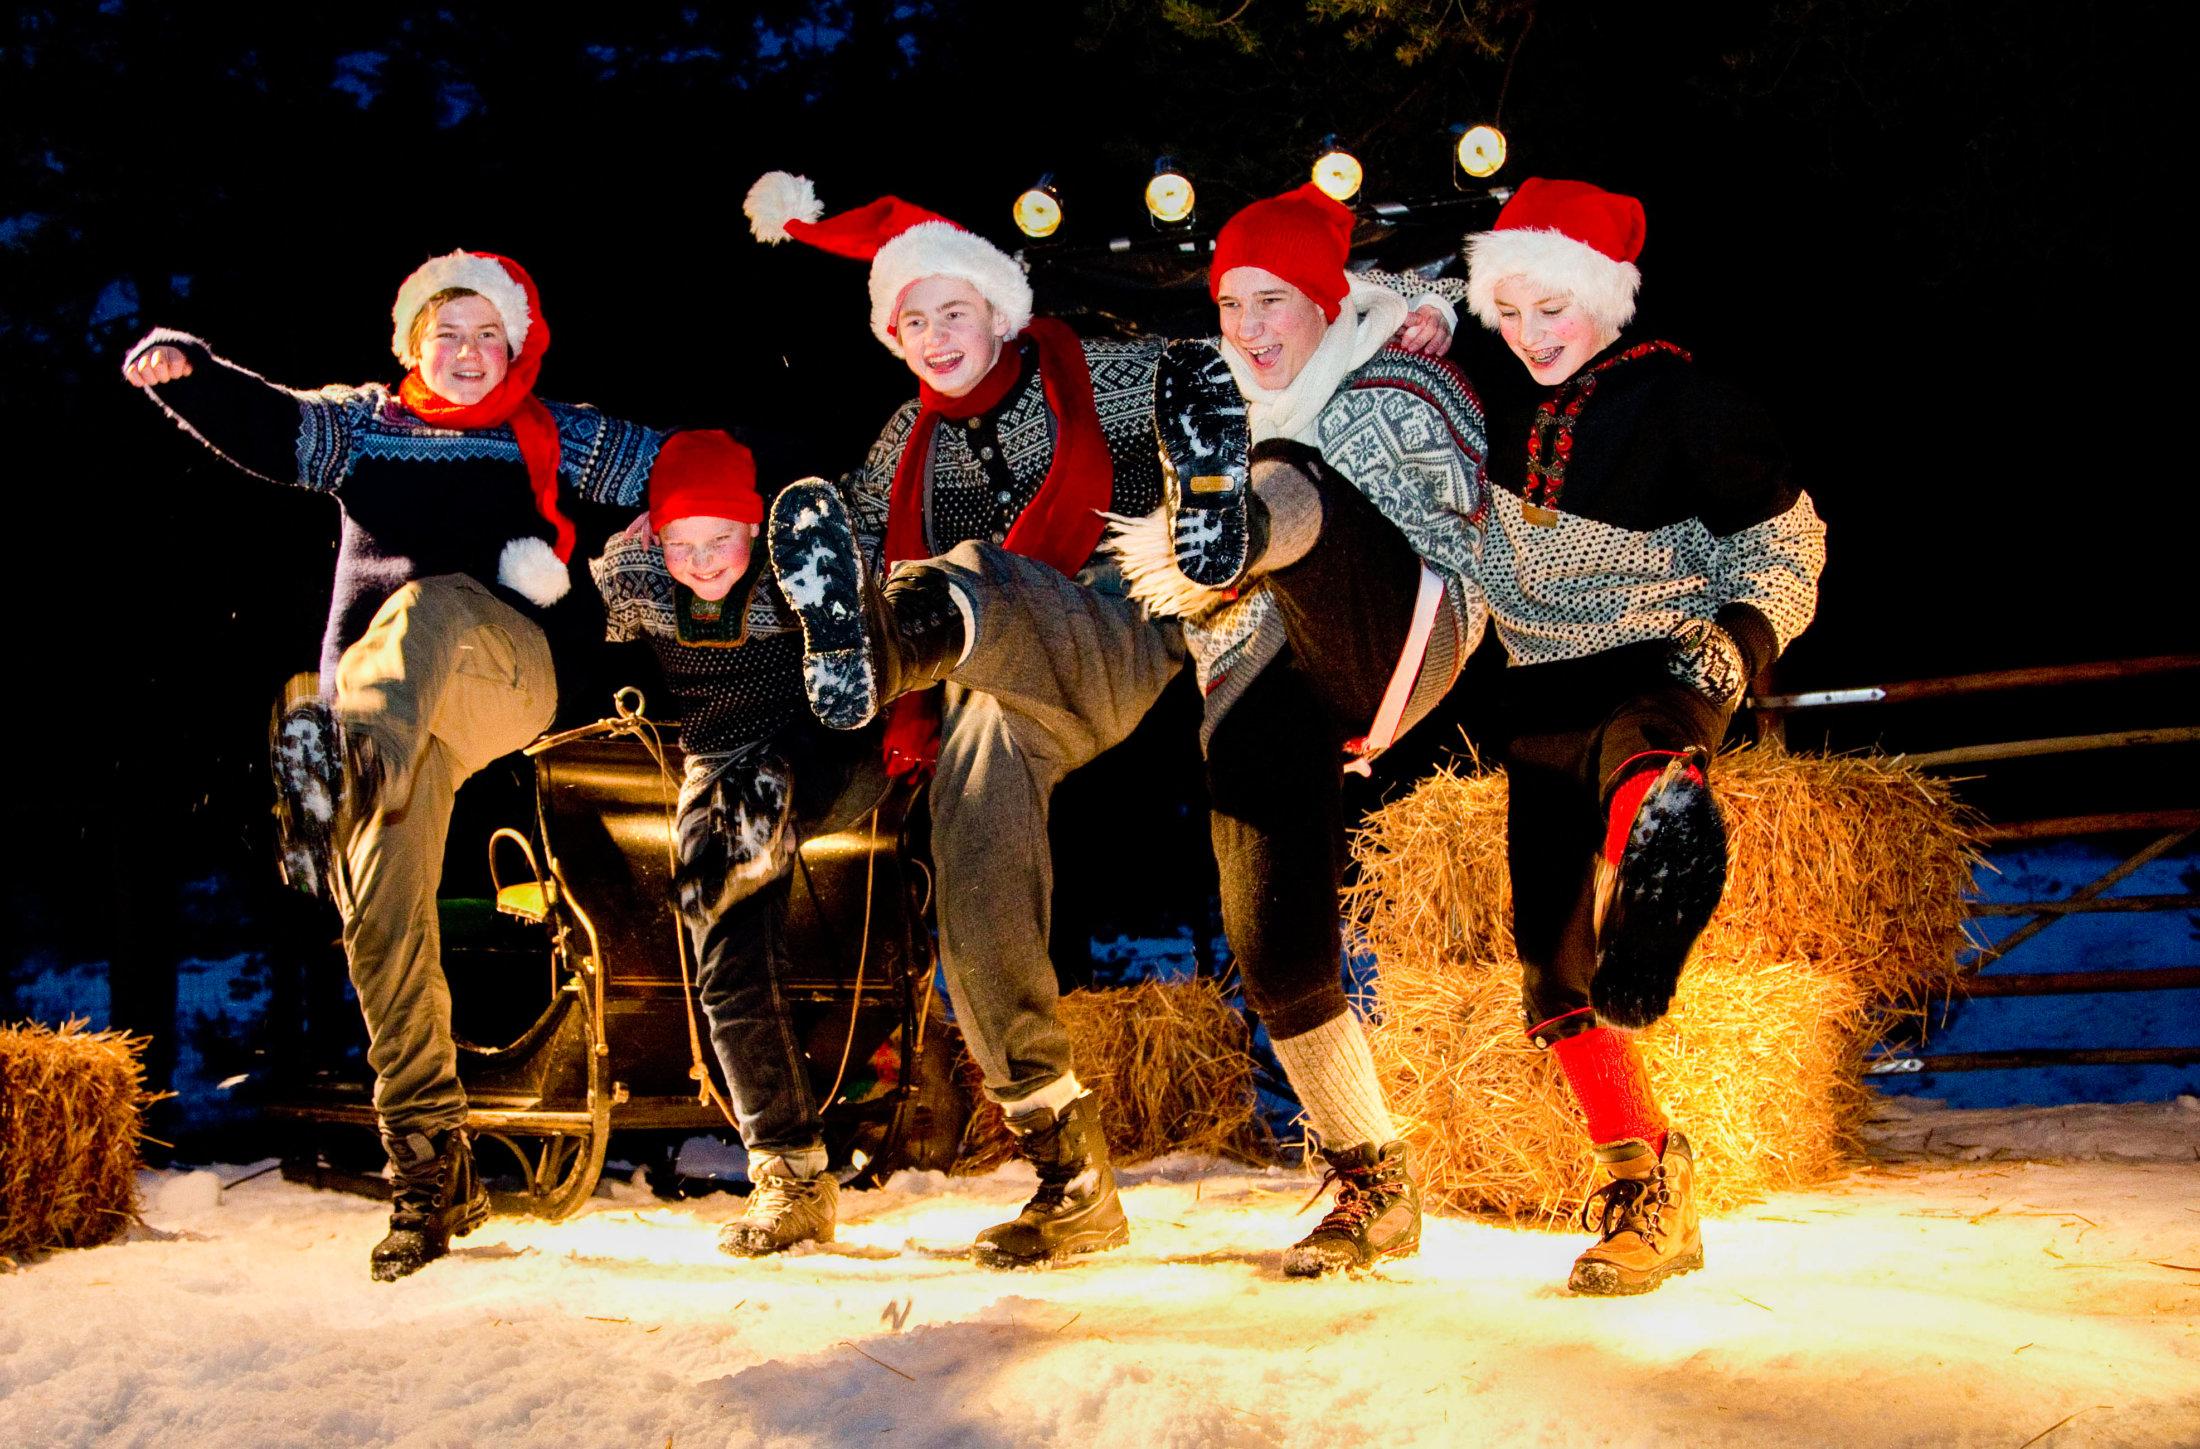 Barnas Julemarked på Savalen hotell 18 og 19 desember 2015. Foto: Geir Olsen